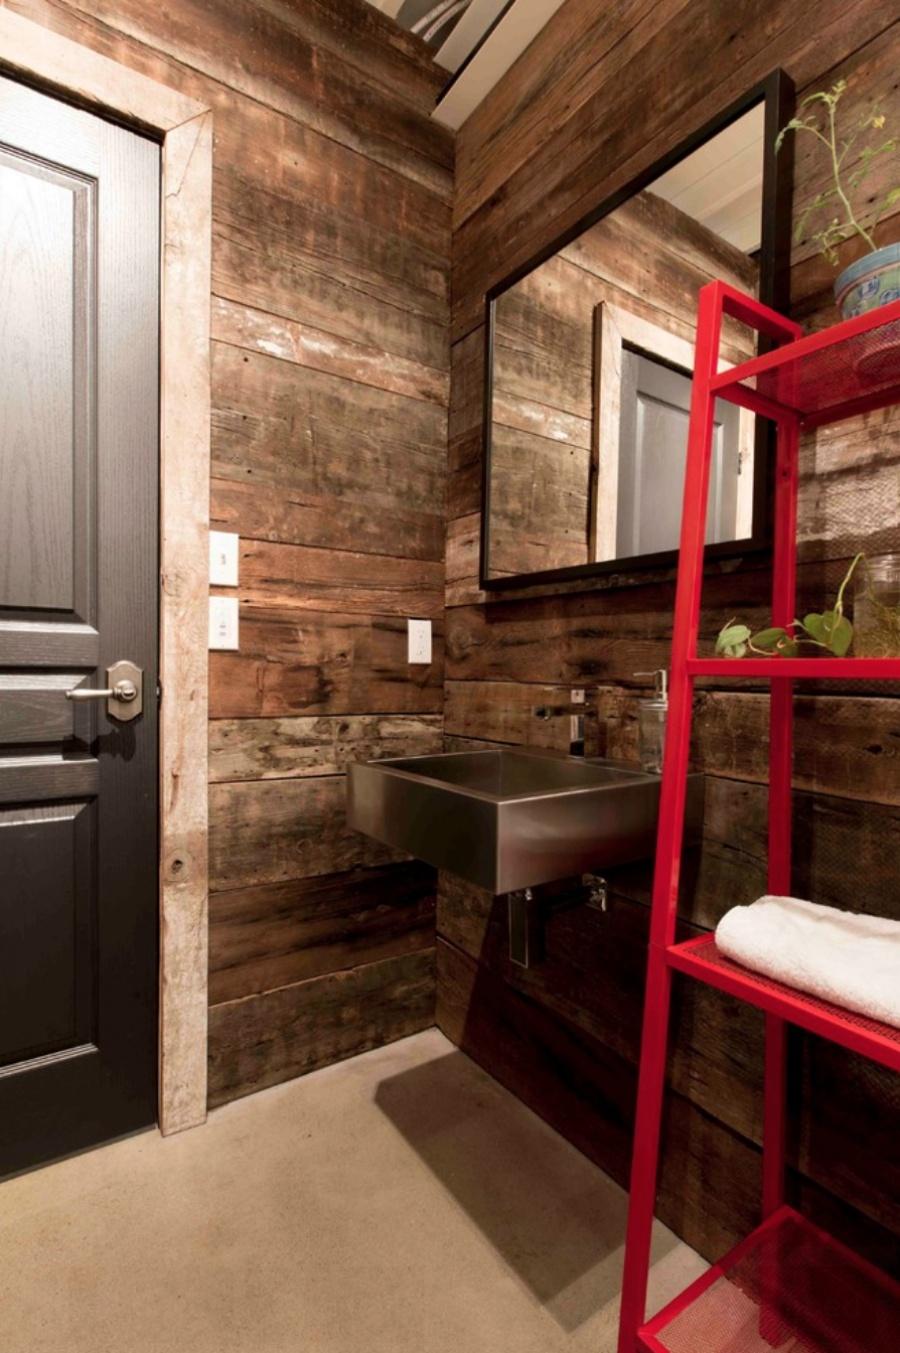 mansión con contenedores de mercancías - baño forrado de madera